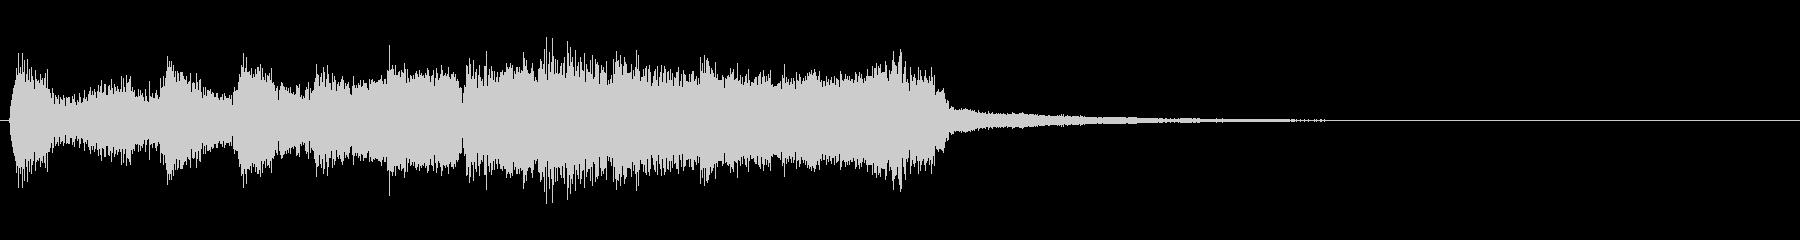 ケルトジングル 2 音程楽器のみの未再生の波形